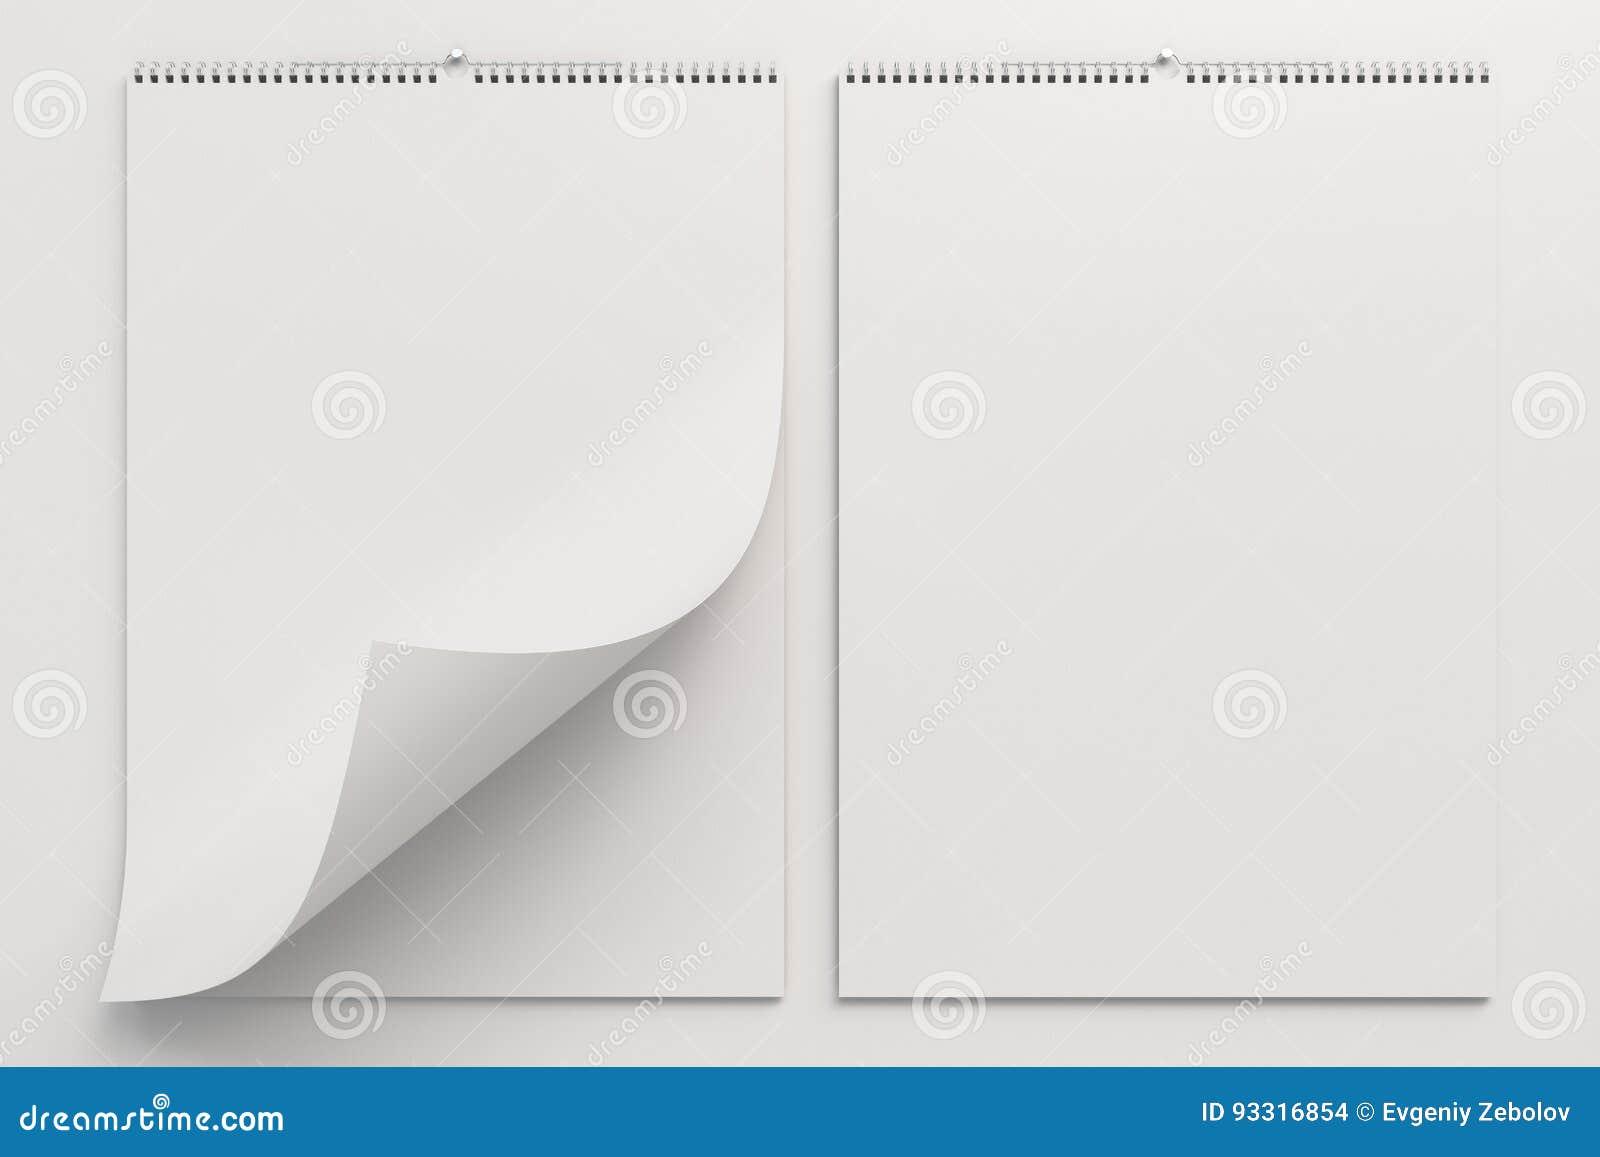 Biały ściennego kalendarza egzamin próbny na białym tle